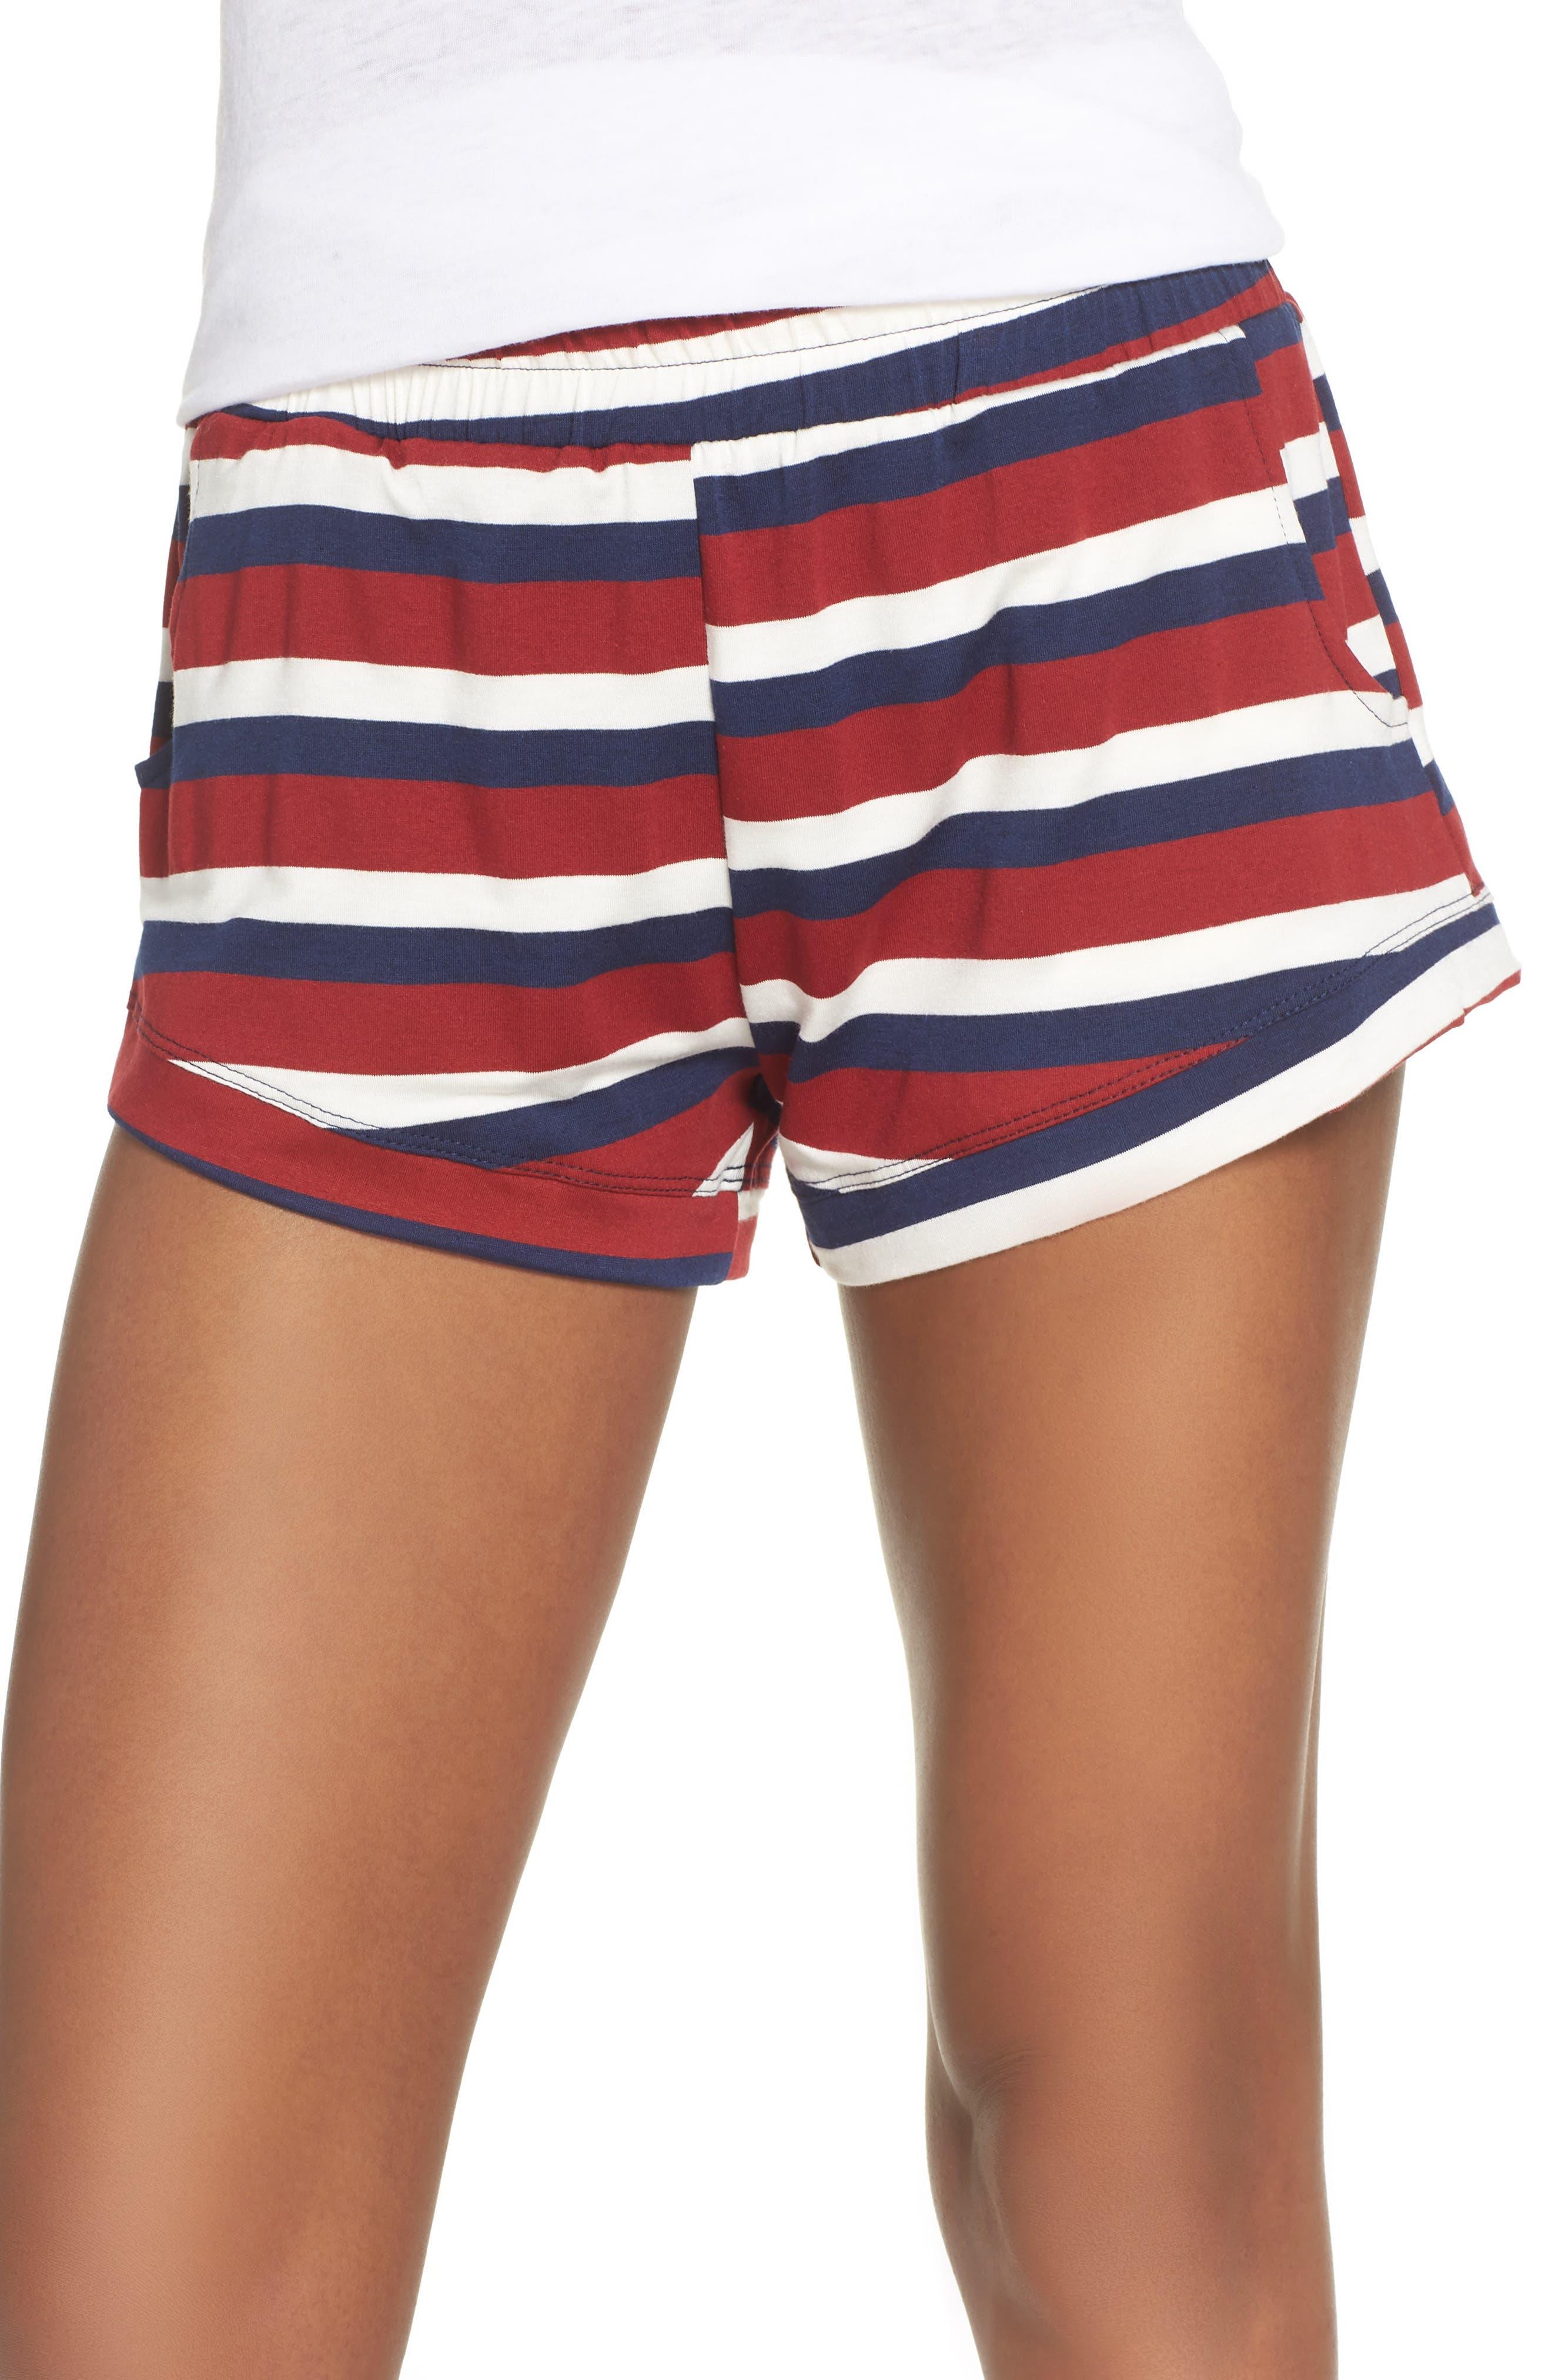 Elody Shorts,                         Main,                         color, BRICK STRIPE